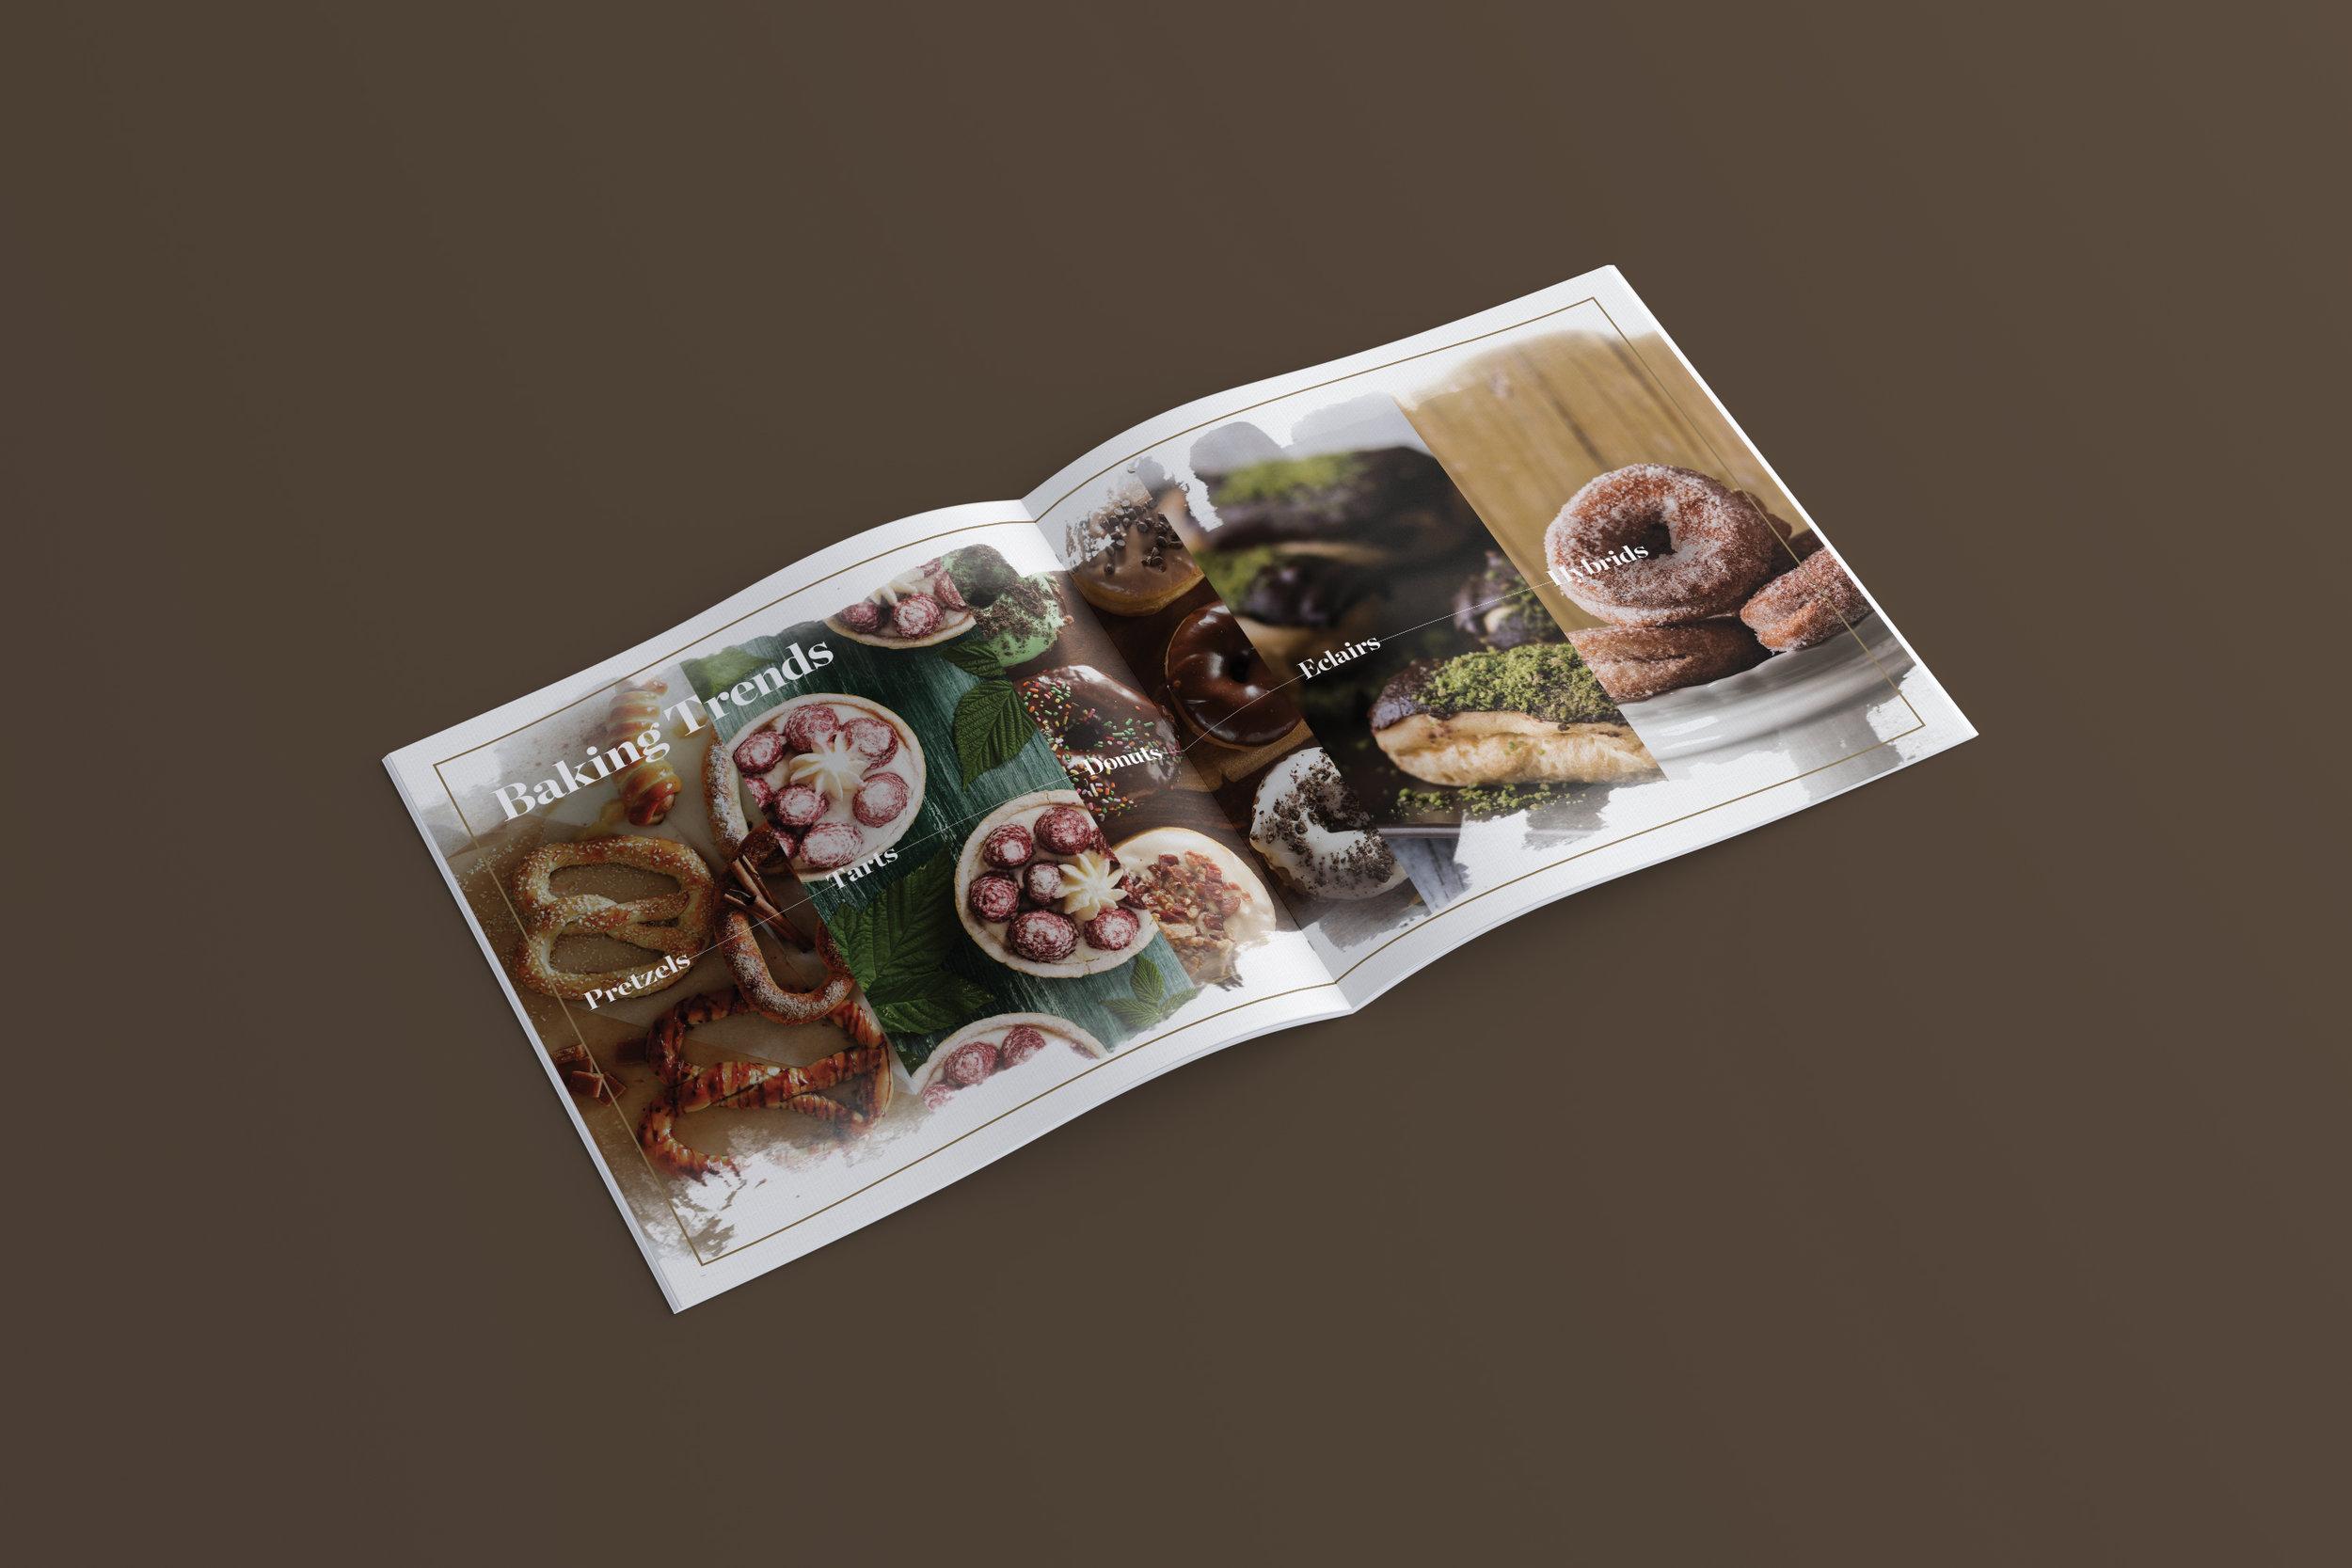 Bakery-Inspiration-Spread3.jpg